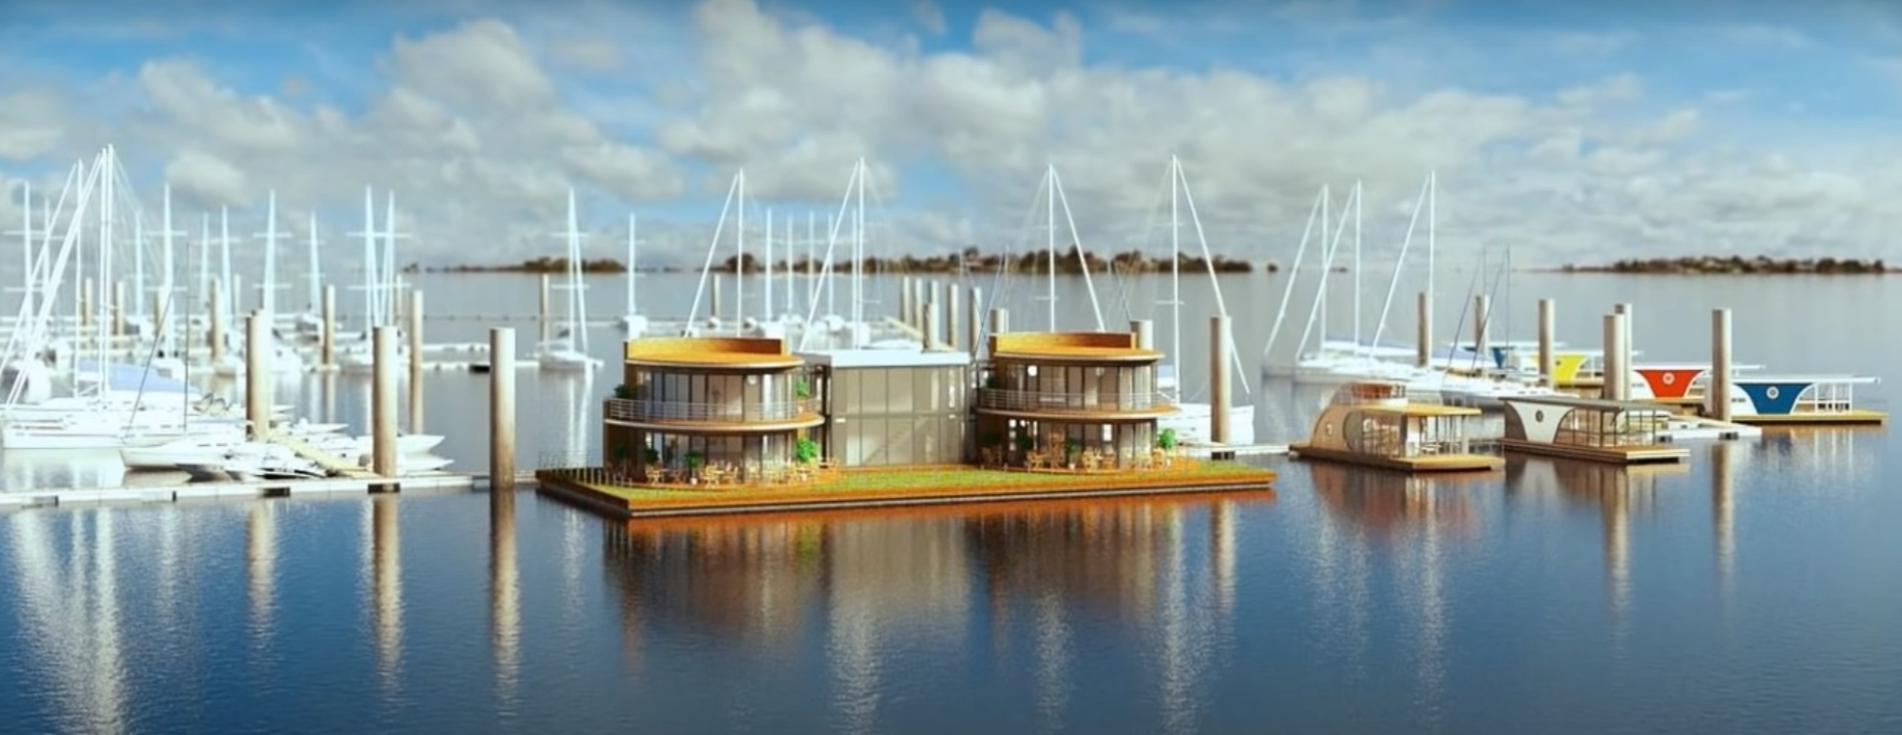 ¿Podremos vivir en una casa flotante enun futuro cercano? 6